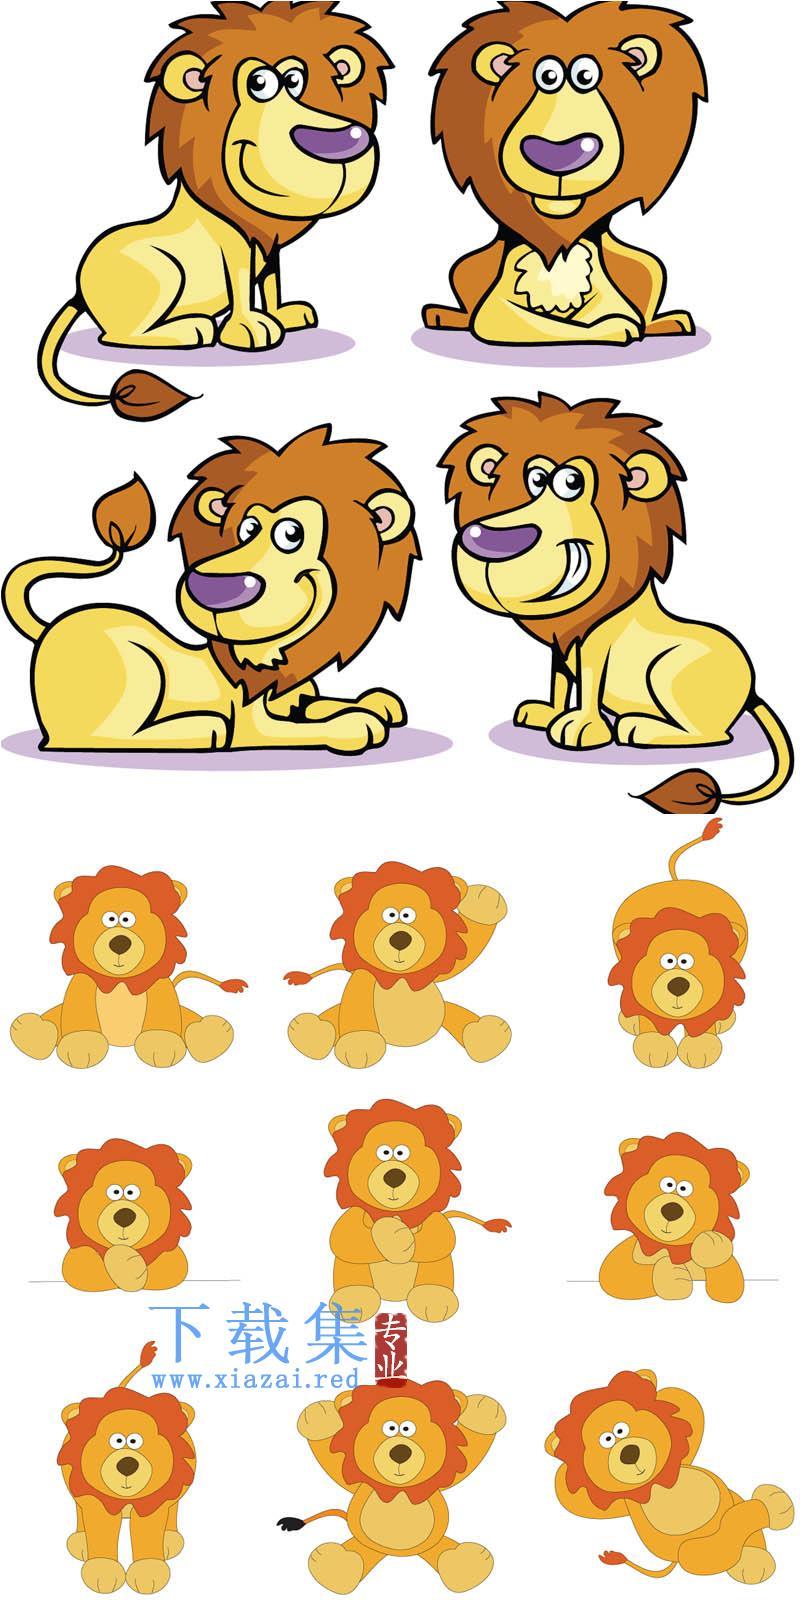 卡通狮子矢量图标  第1张